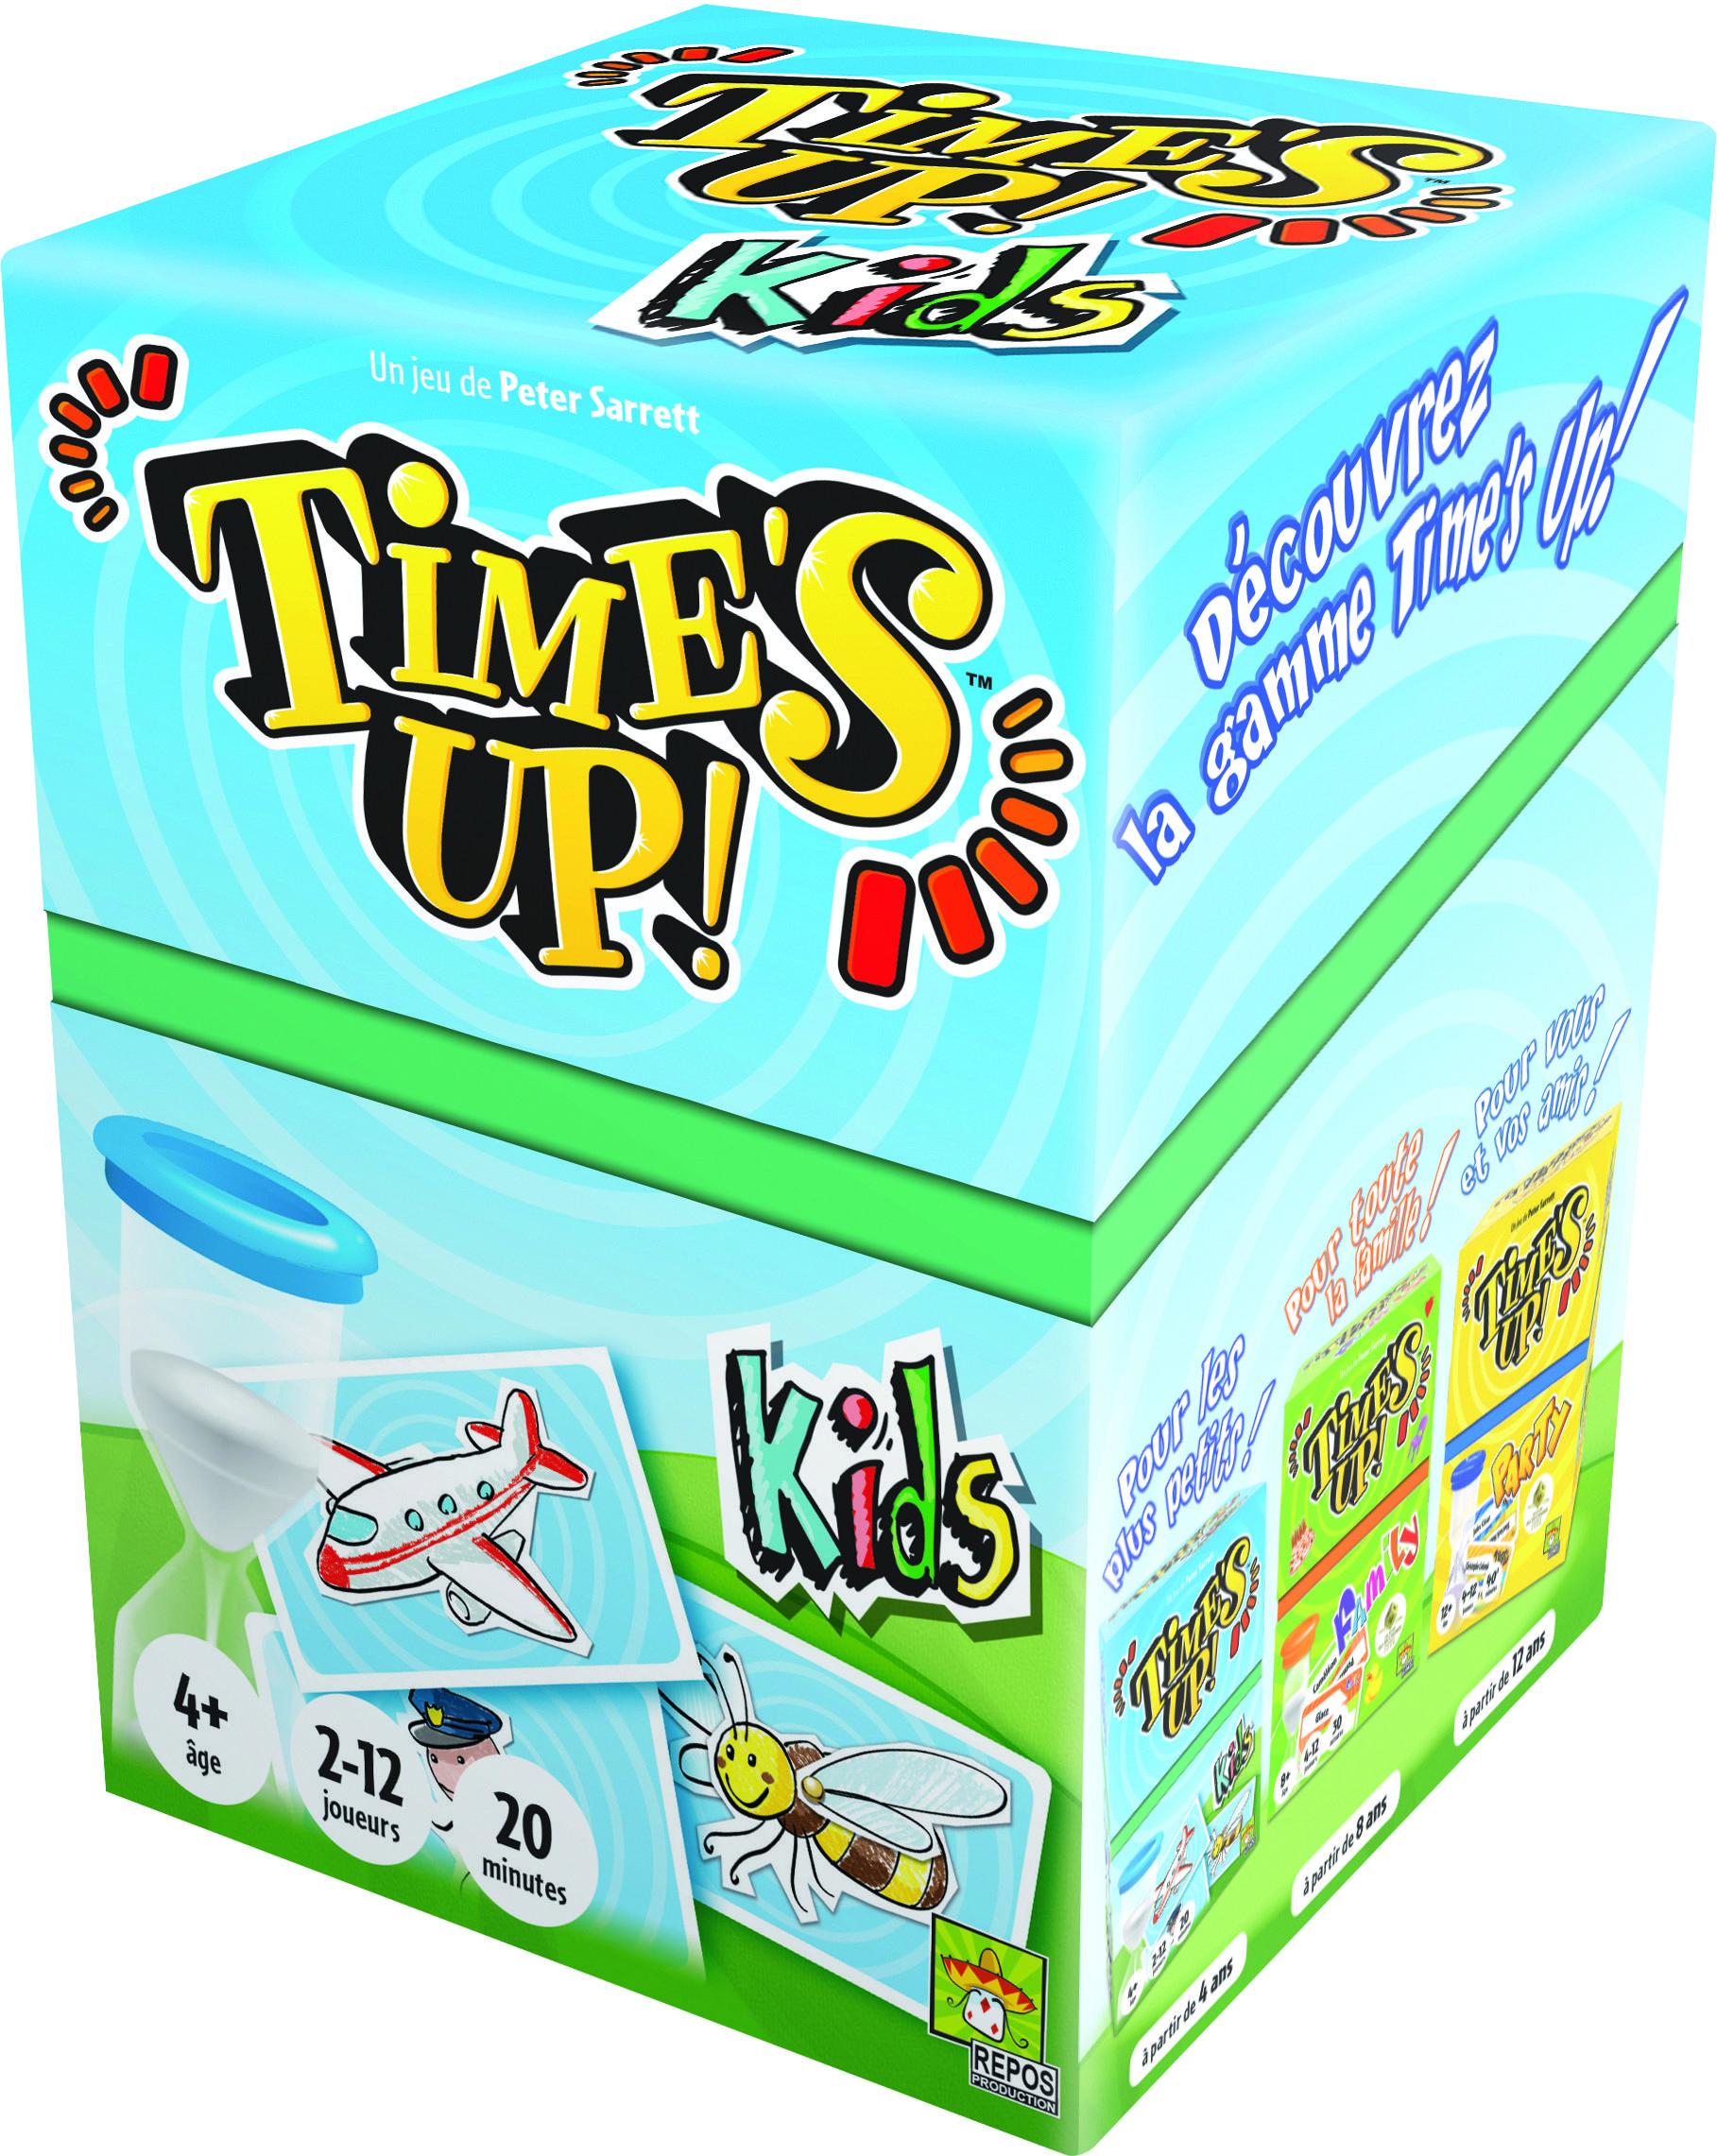 Jeu De Societe Time S Up Kids Version Chat Asmodee Bordspellen Voor Kinderen Kaartspellen